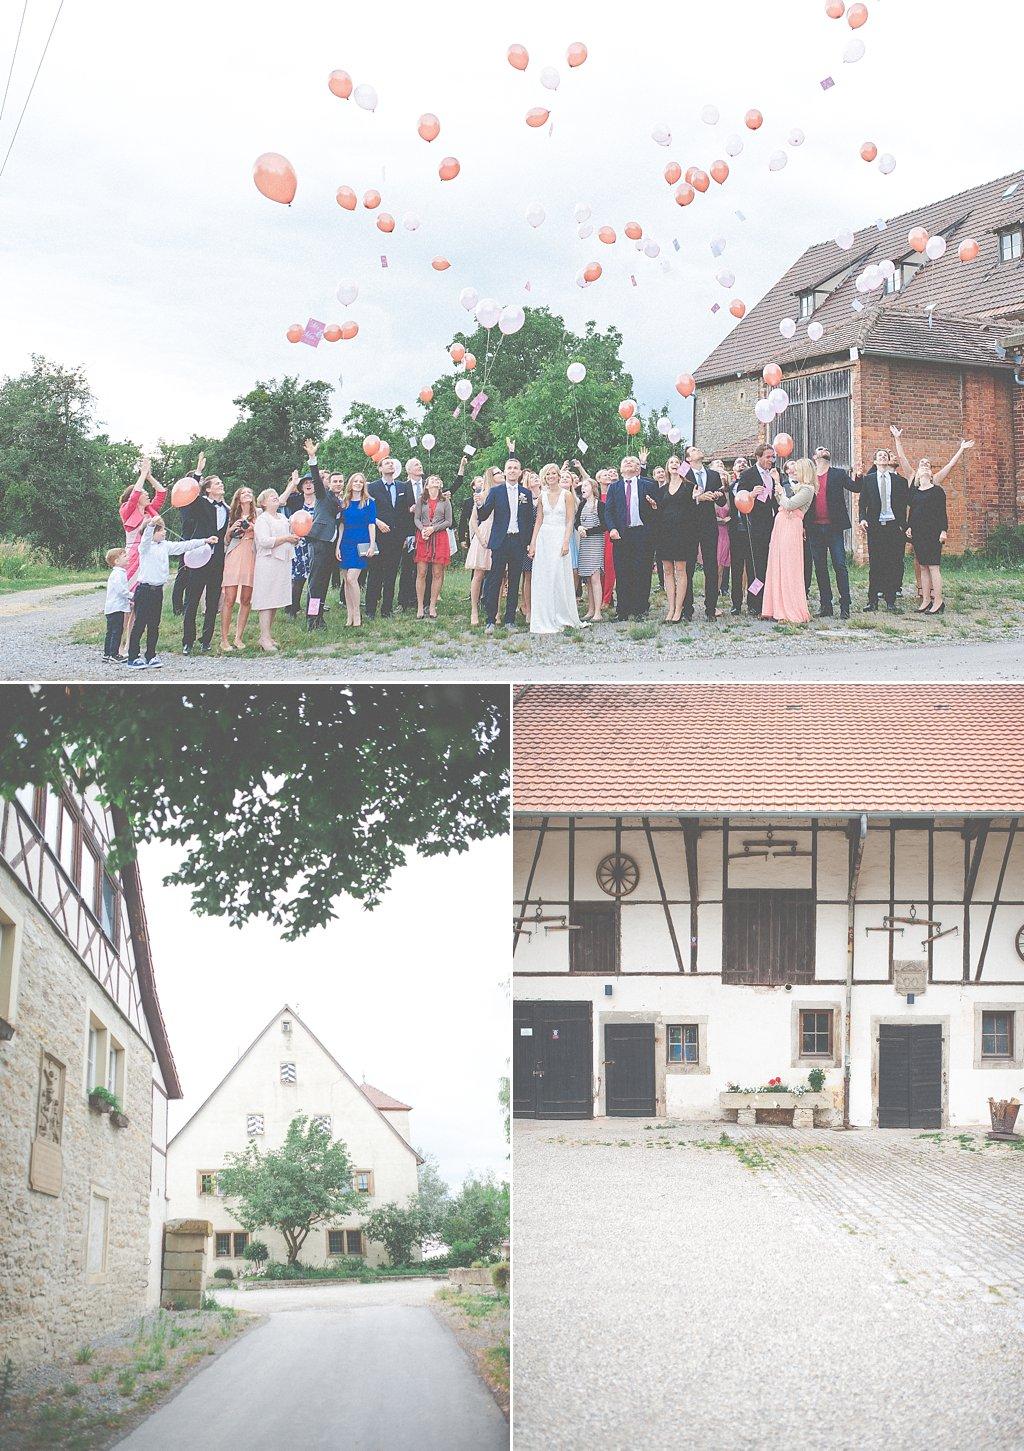 (c) ANIJA SCHLICHENMAIER photography - www.anijaschlichenmaier.com